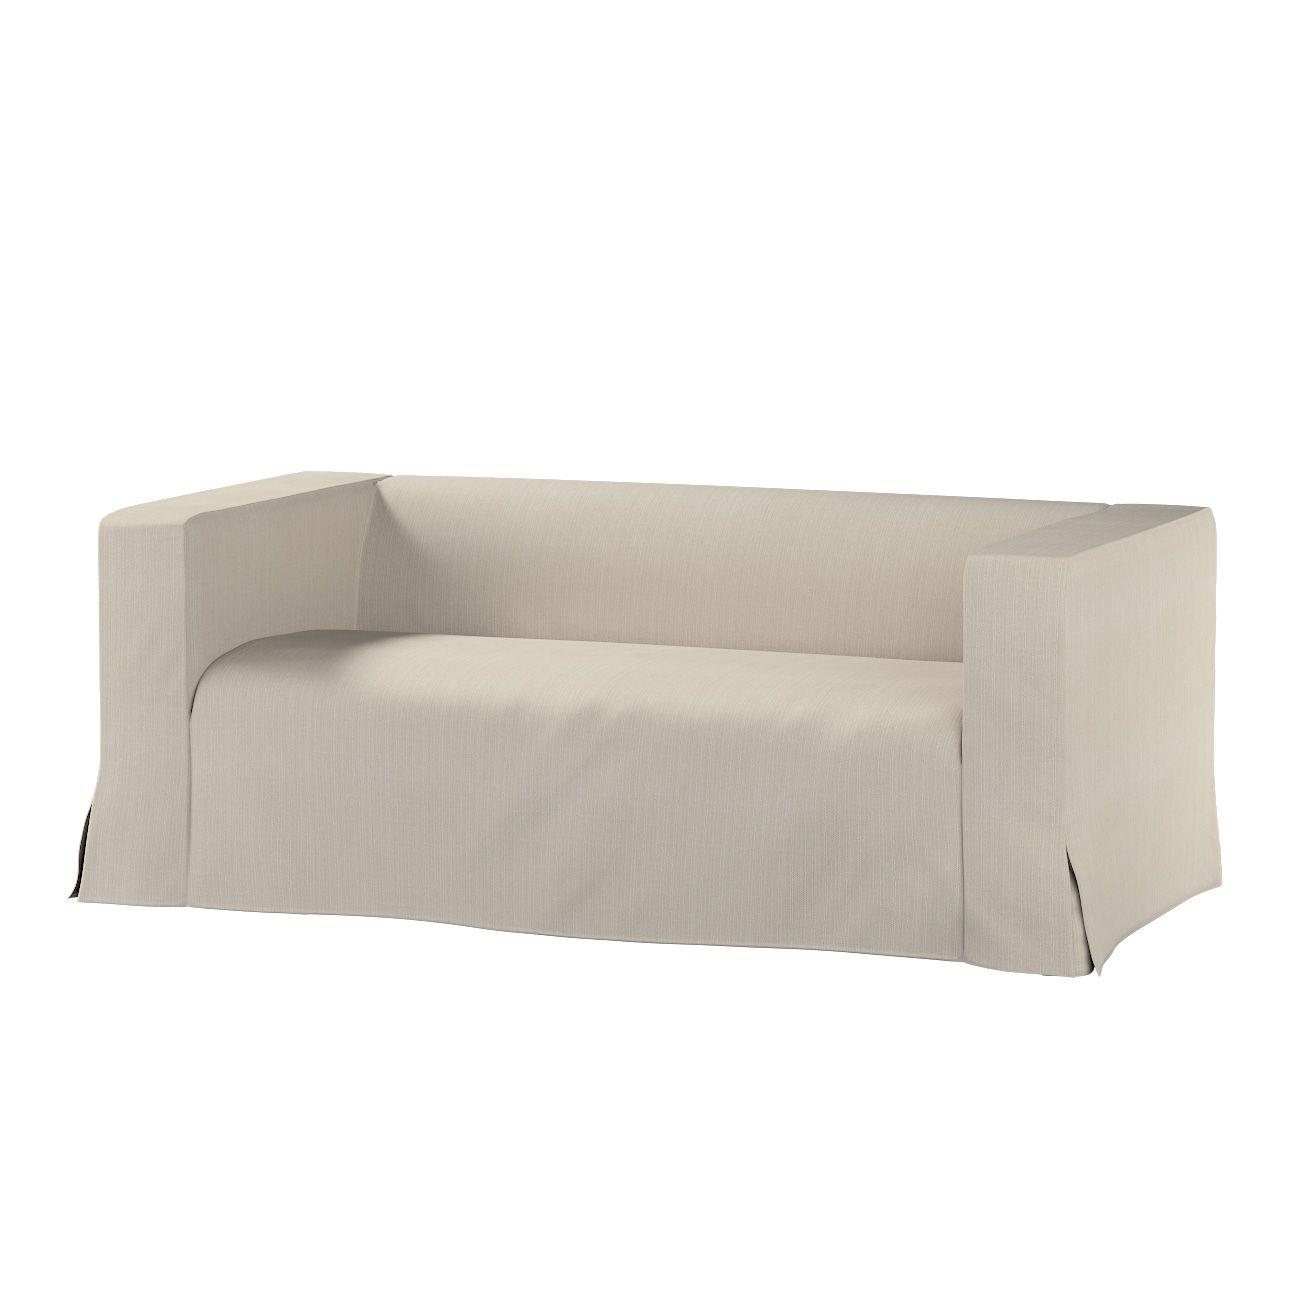 Full Size of Ikea Raffrollo Klippan Granada Küche Kaufen Kosten Modulküche Betten Bei Sofa Mit Schlaffunktion Miniküche 160x200 Wohnzimmer Ikea Raffrollo